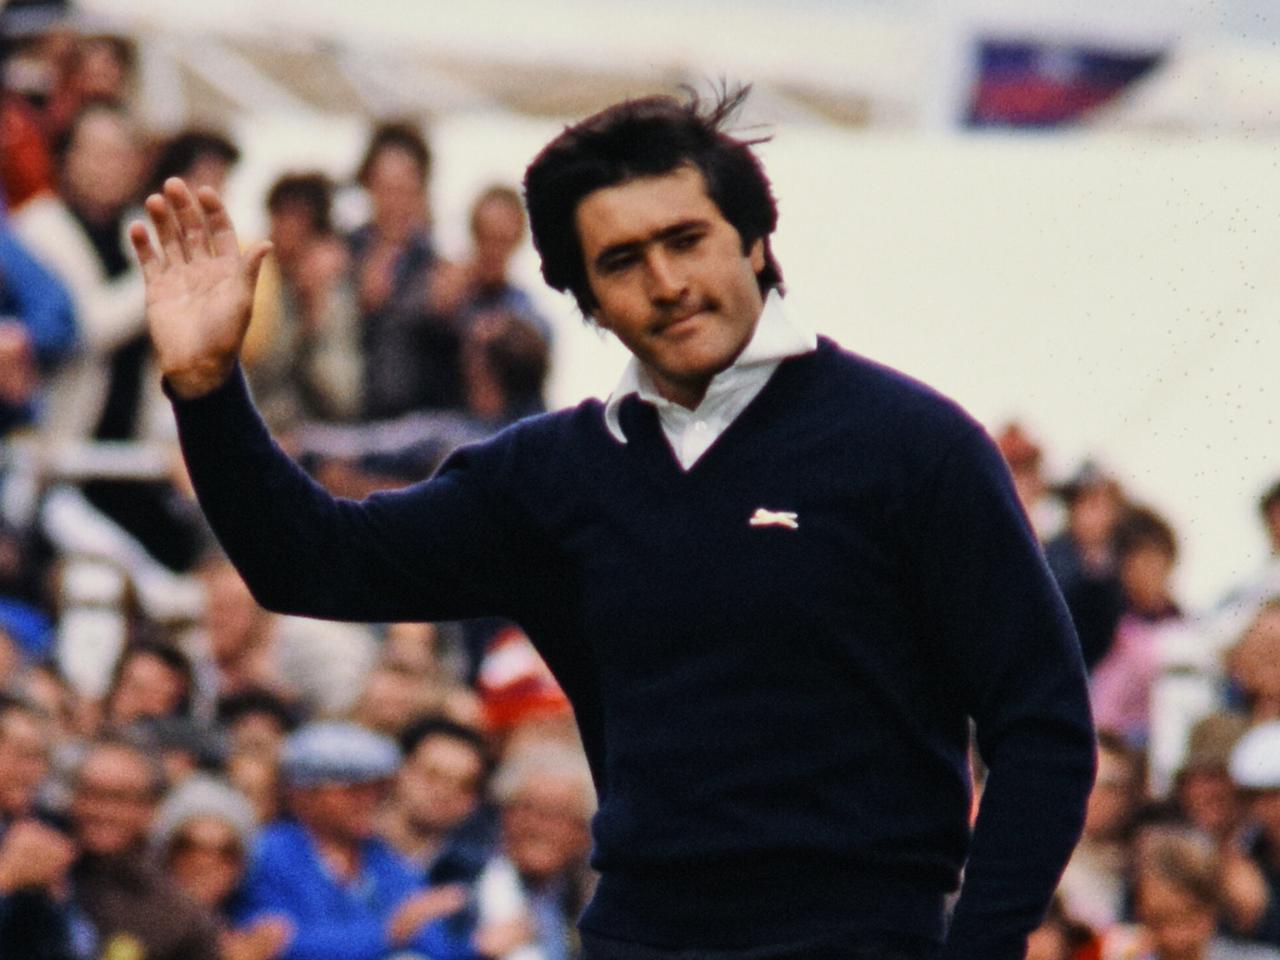 画像: スペイン出身の名手、セベ・バレステロス。そんなセベのドキュメンタリーフィルム『セベ』がR&Aプロデュースのもと制作・公開された(写真は1979年の全英オープン)